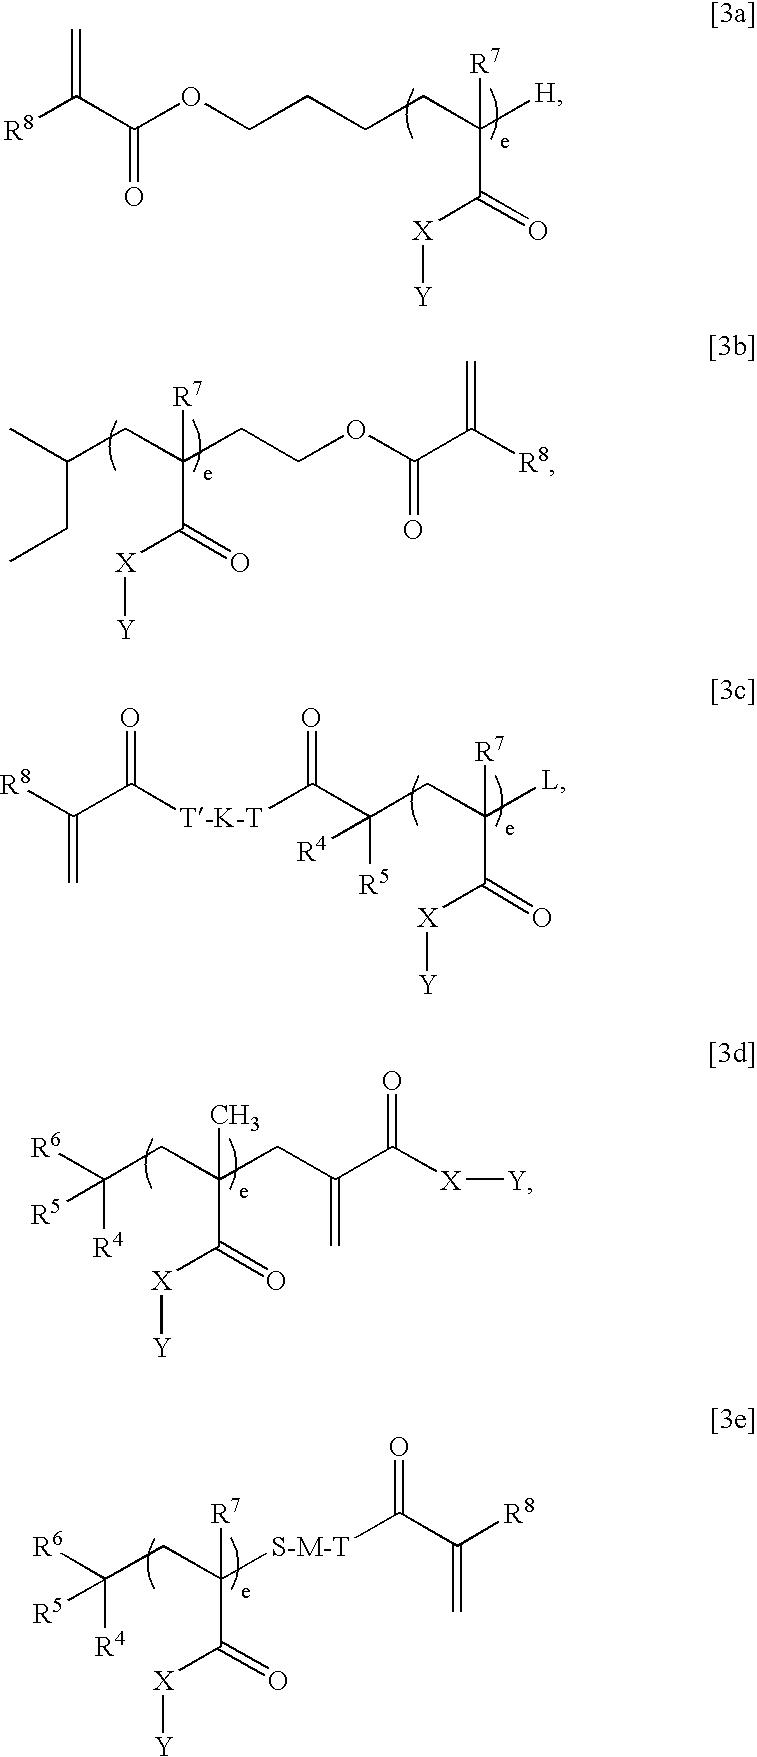 Figure US20090093604A1-20090409-C00011